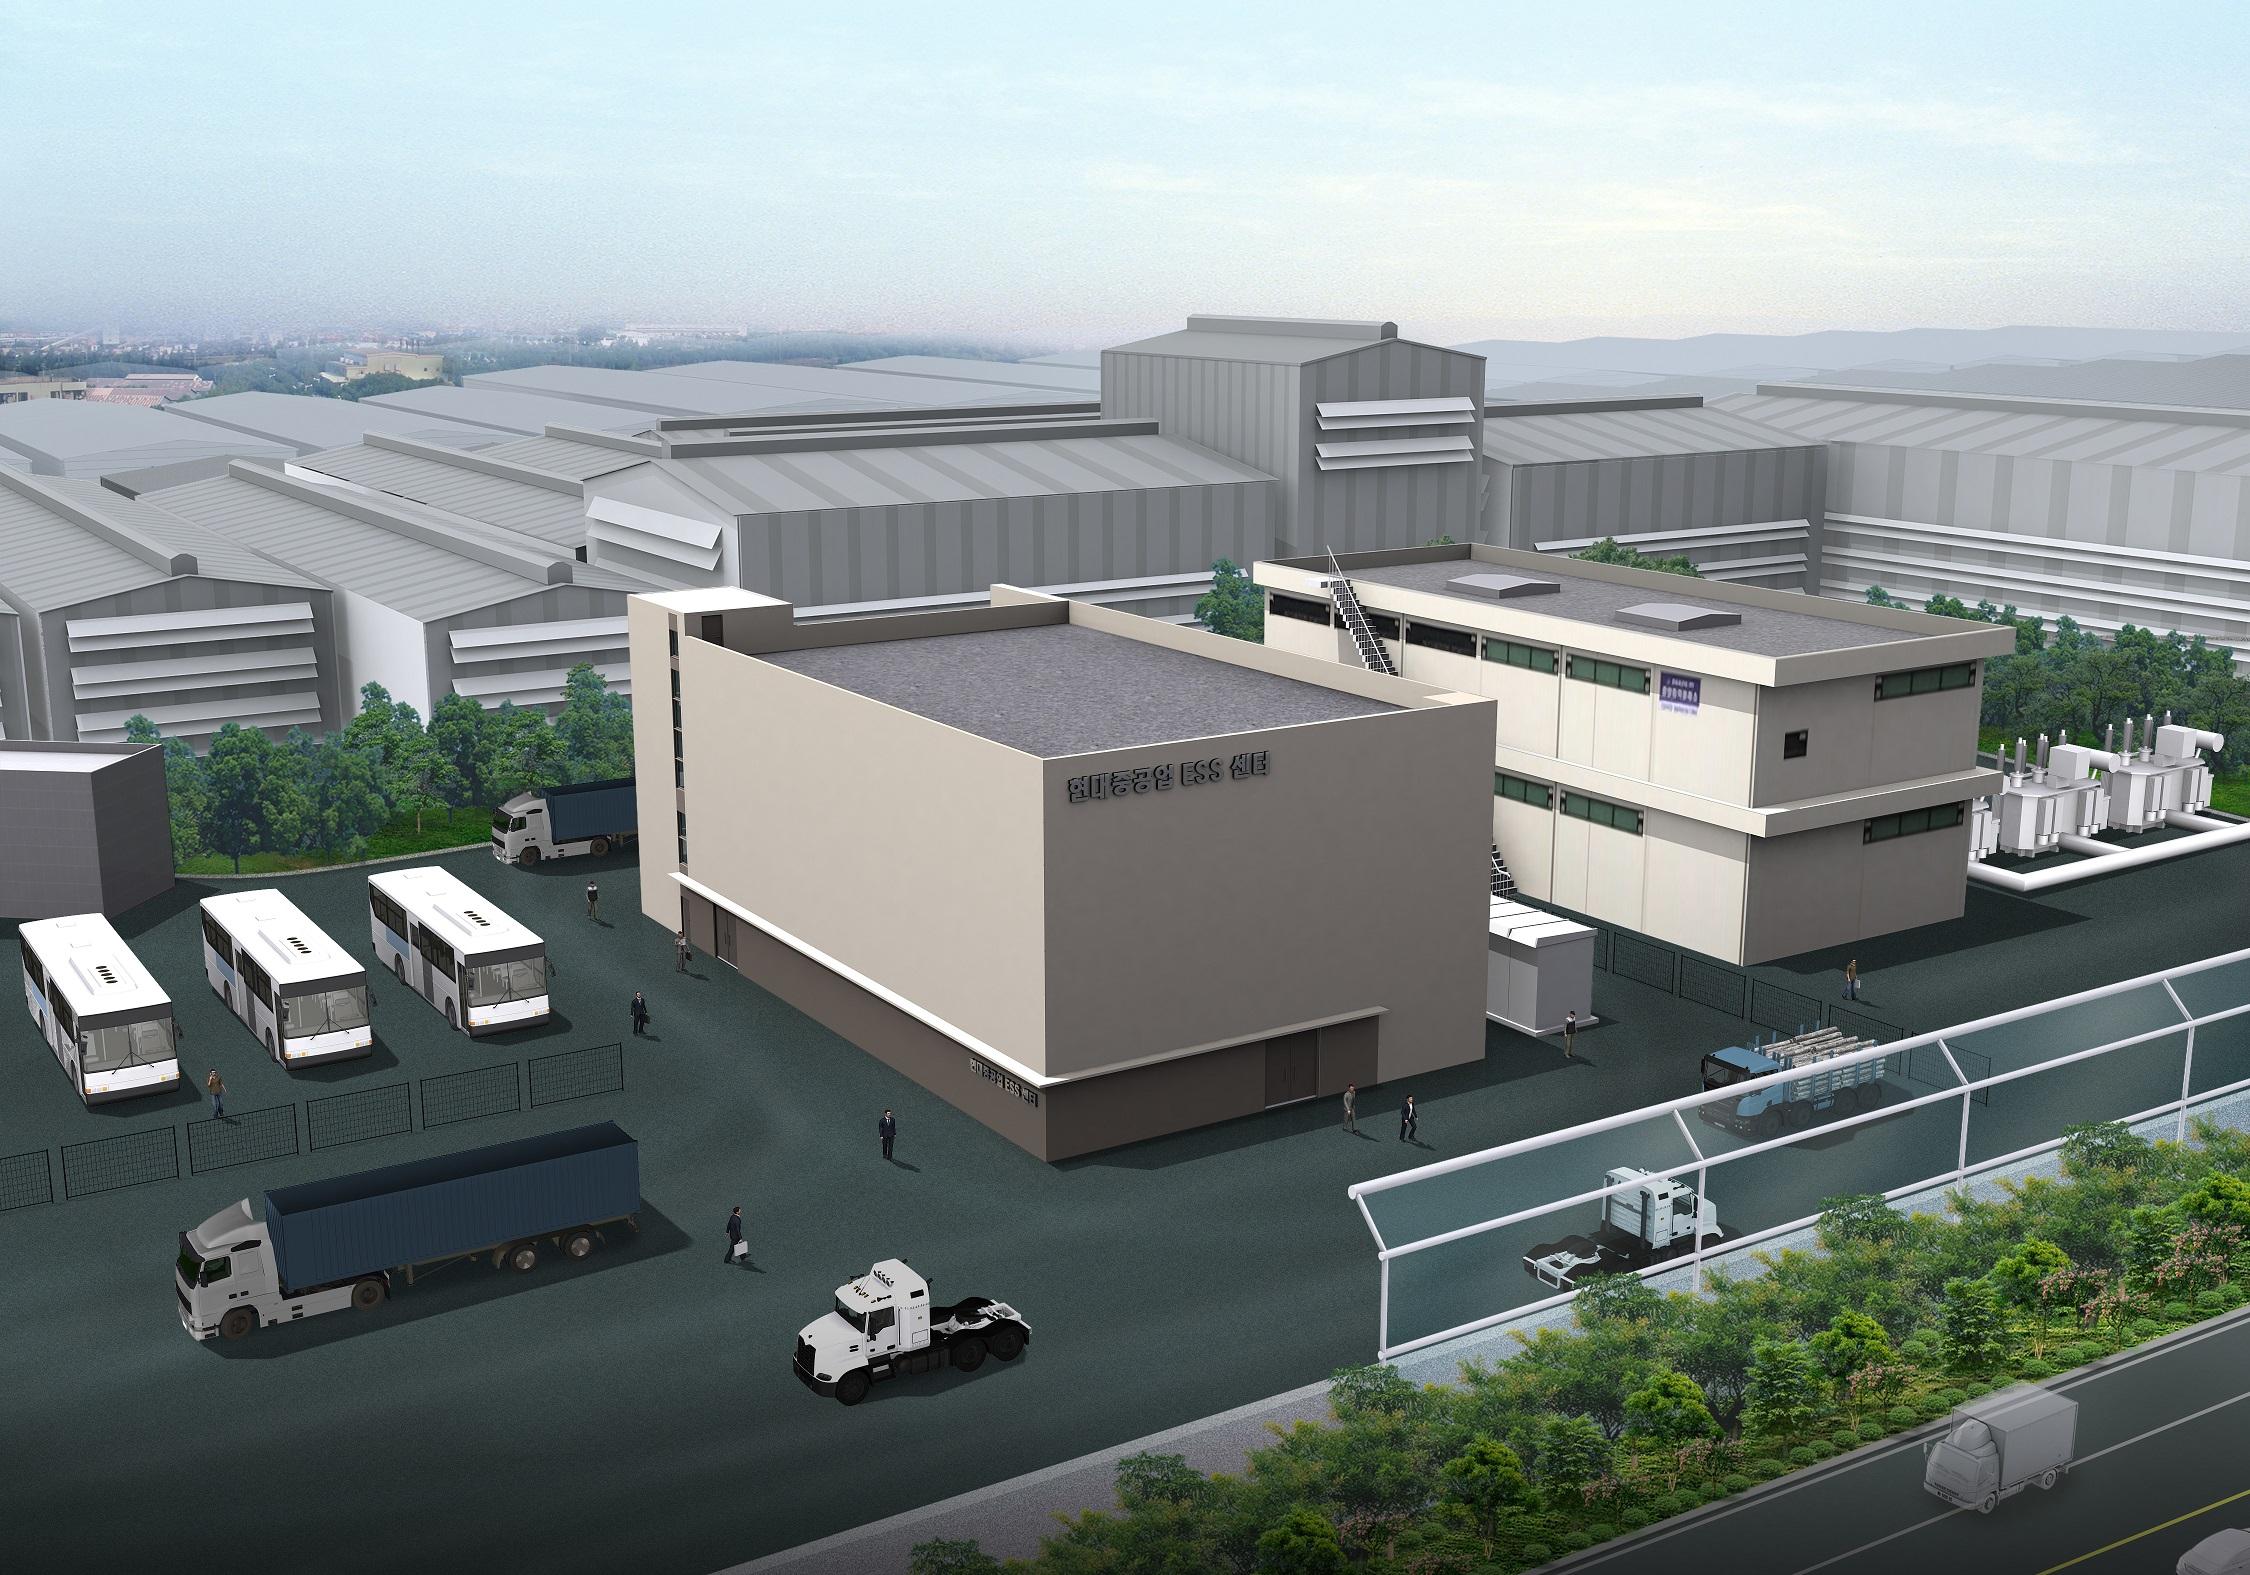 현대일렉트릭, 50MWh급 에너지저장장치(ESS) 설치